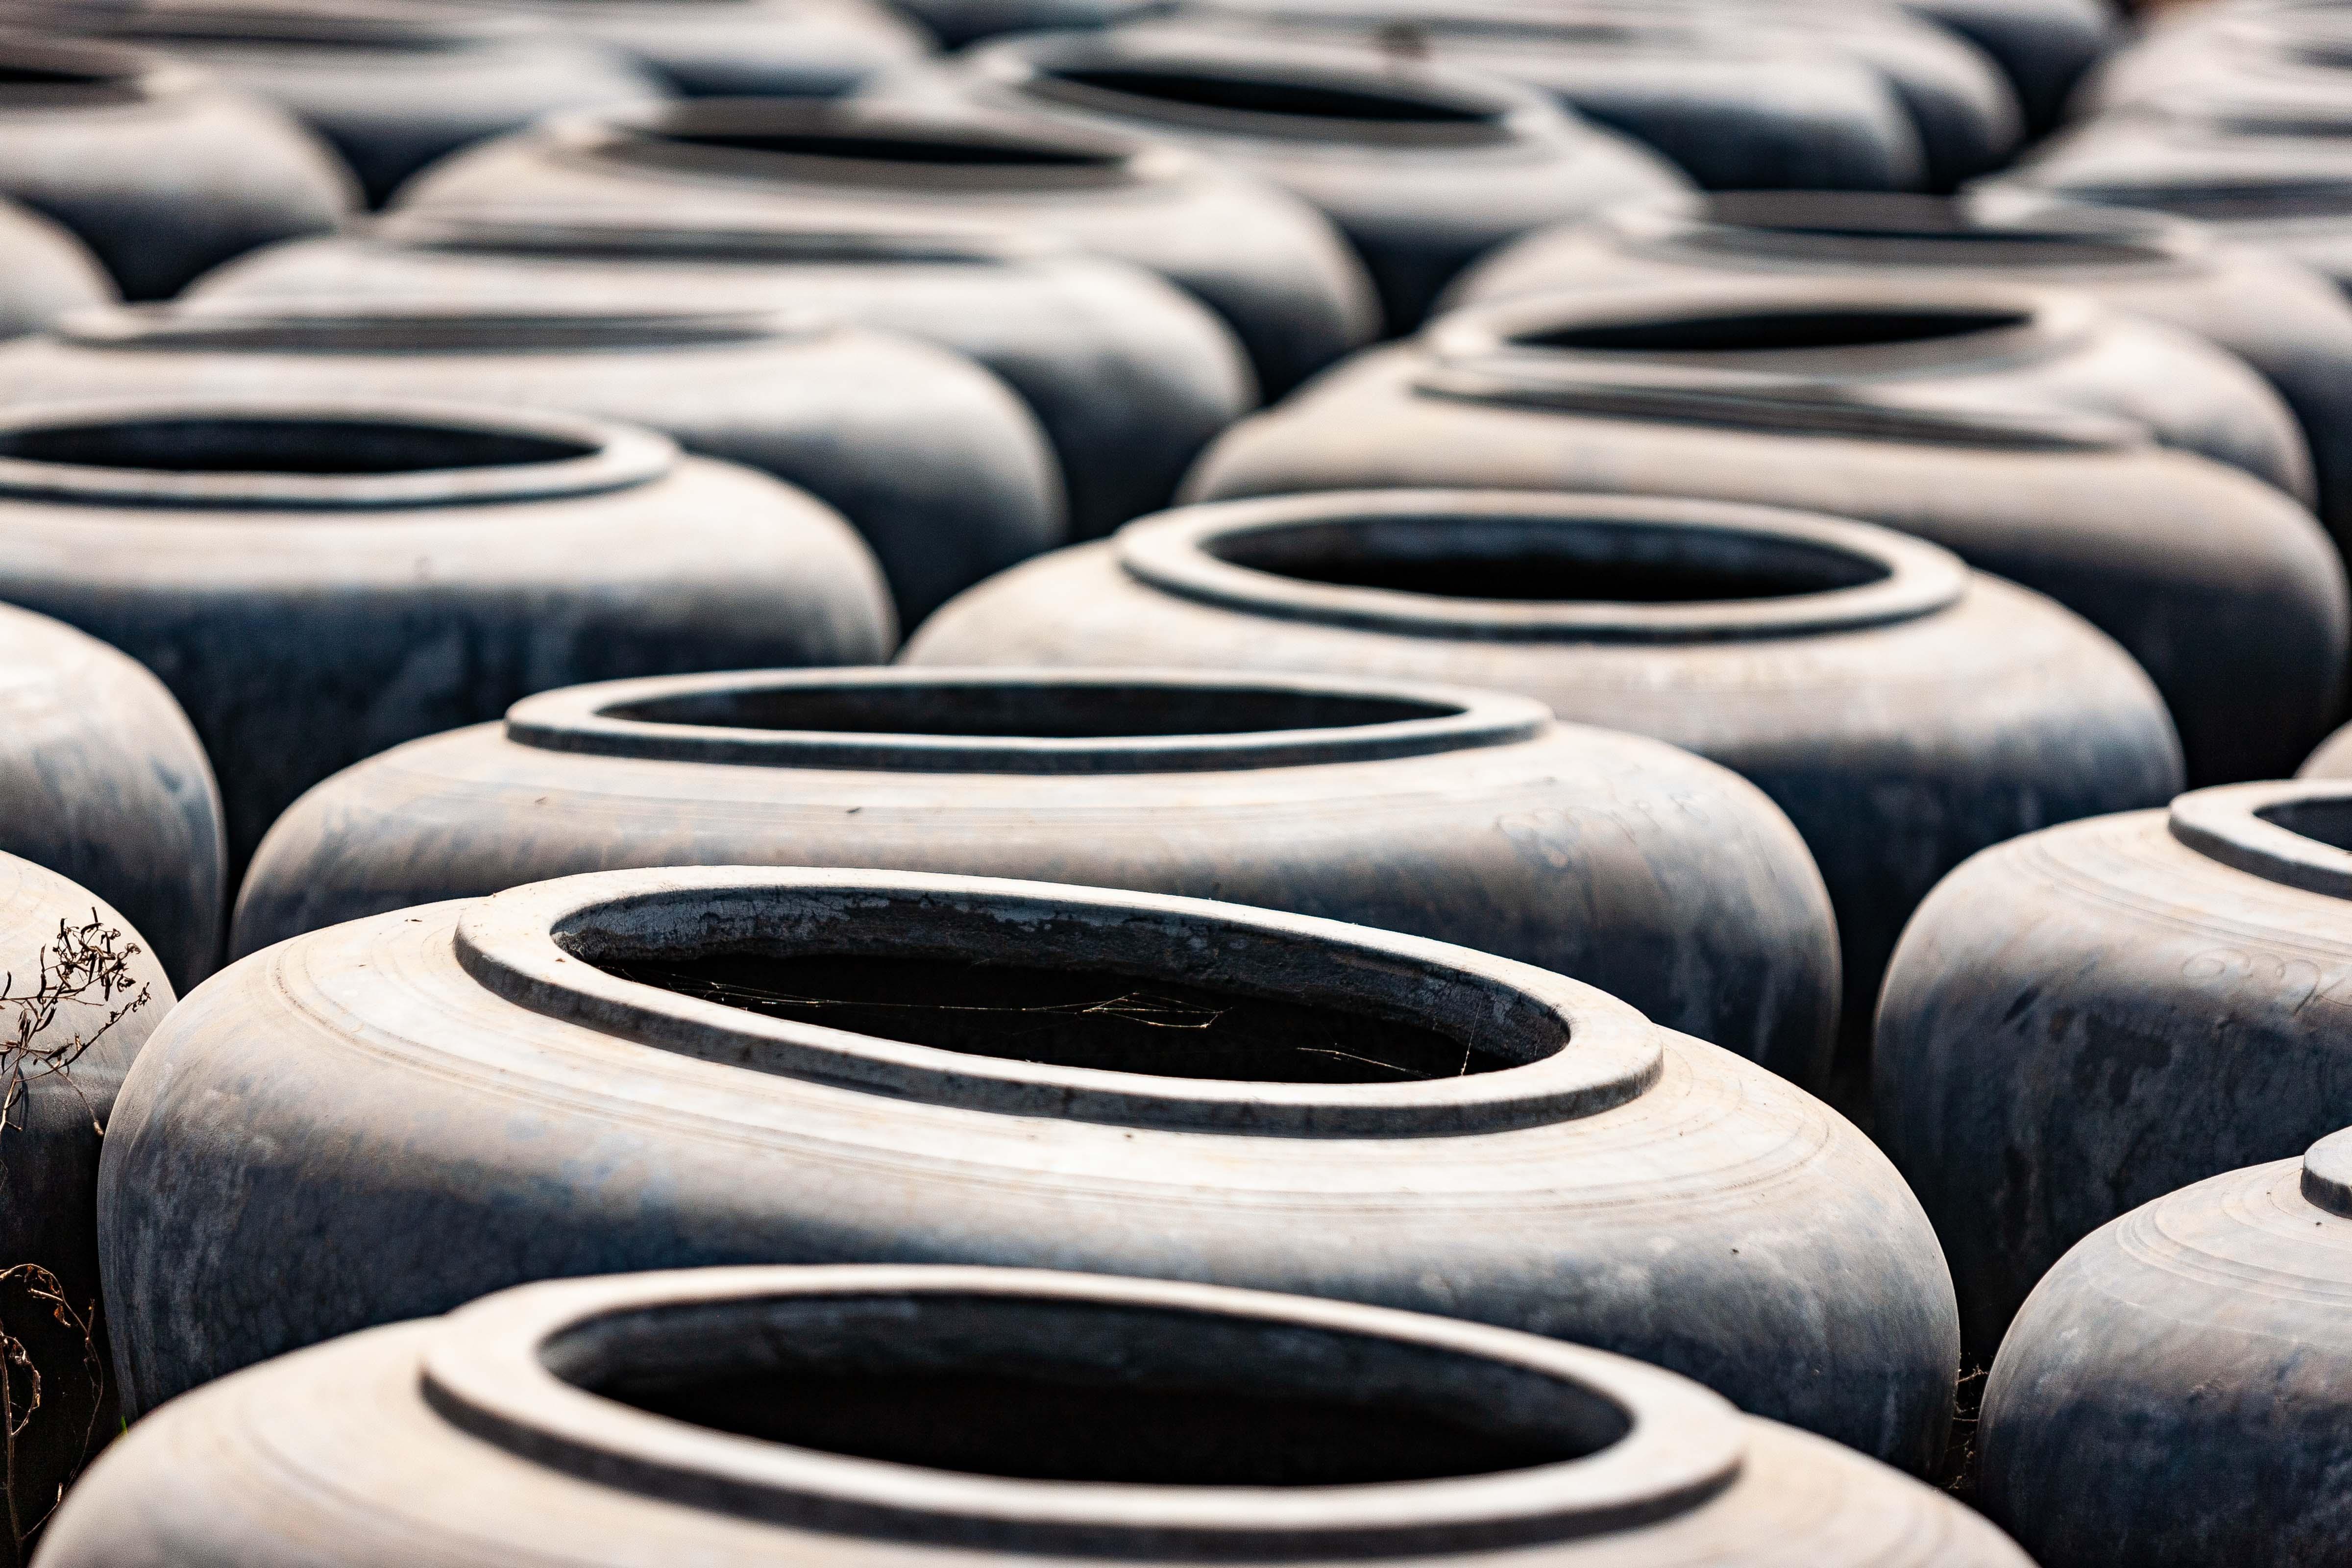 Cambodia, Svaay Rieng Prov, Jars, 2010, IMG 5212